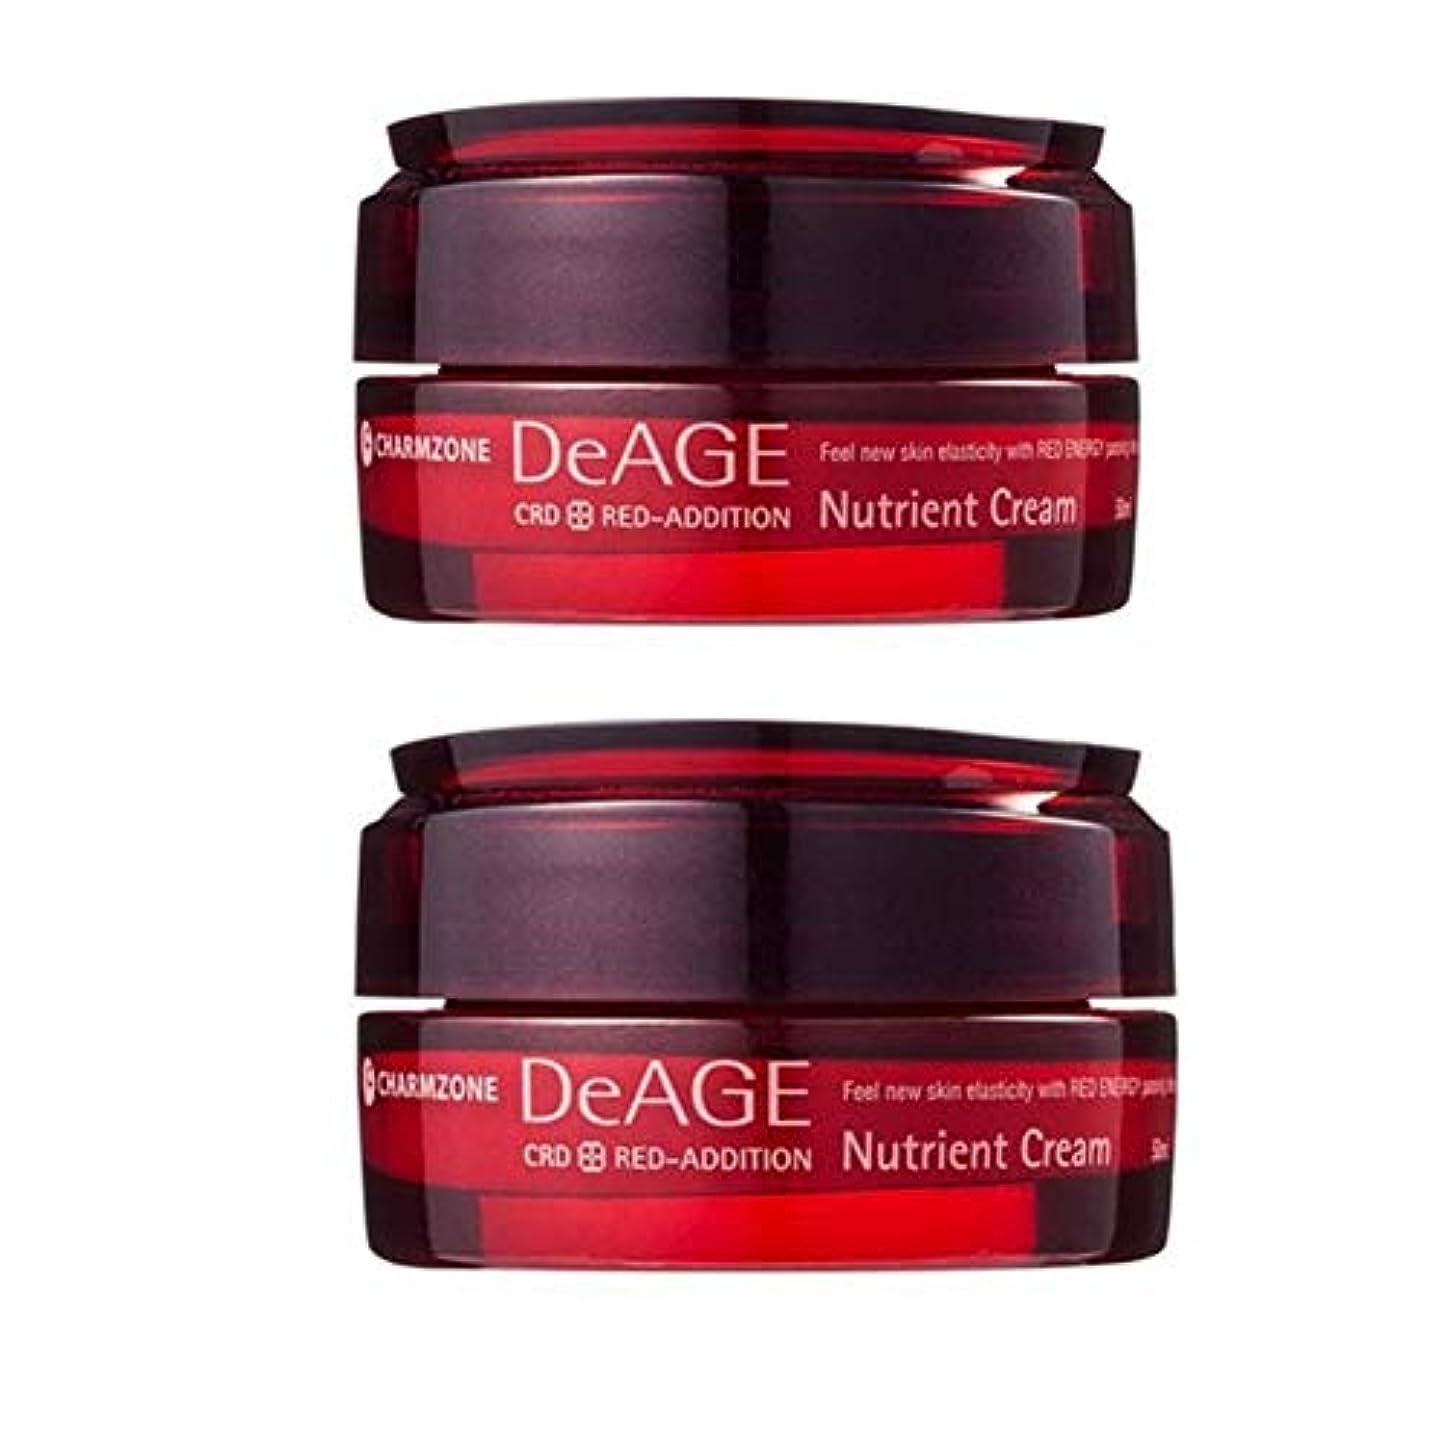 ロードハウス厳密に壊すチャムジョンディエイジレッドエディションニュトゥリオントゥクリーム50ml x 2本セット 栄養クリーム, Charmzone DeAGE Red-Addition Nutrient Cream 50ml x 2ea Set...